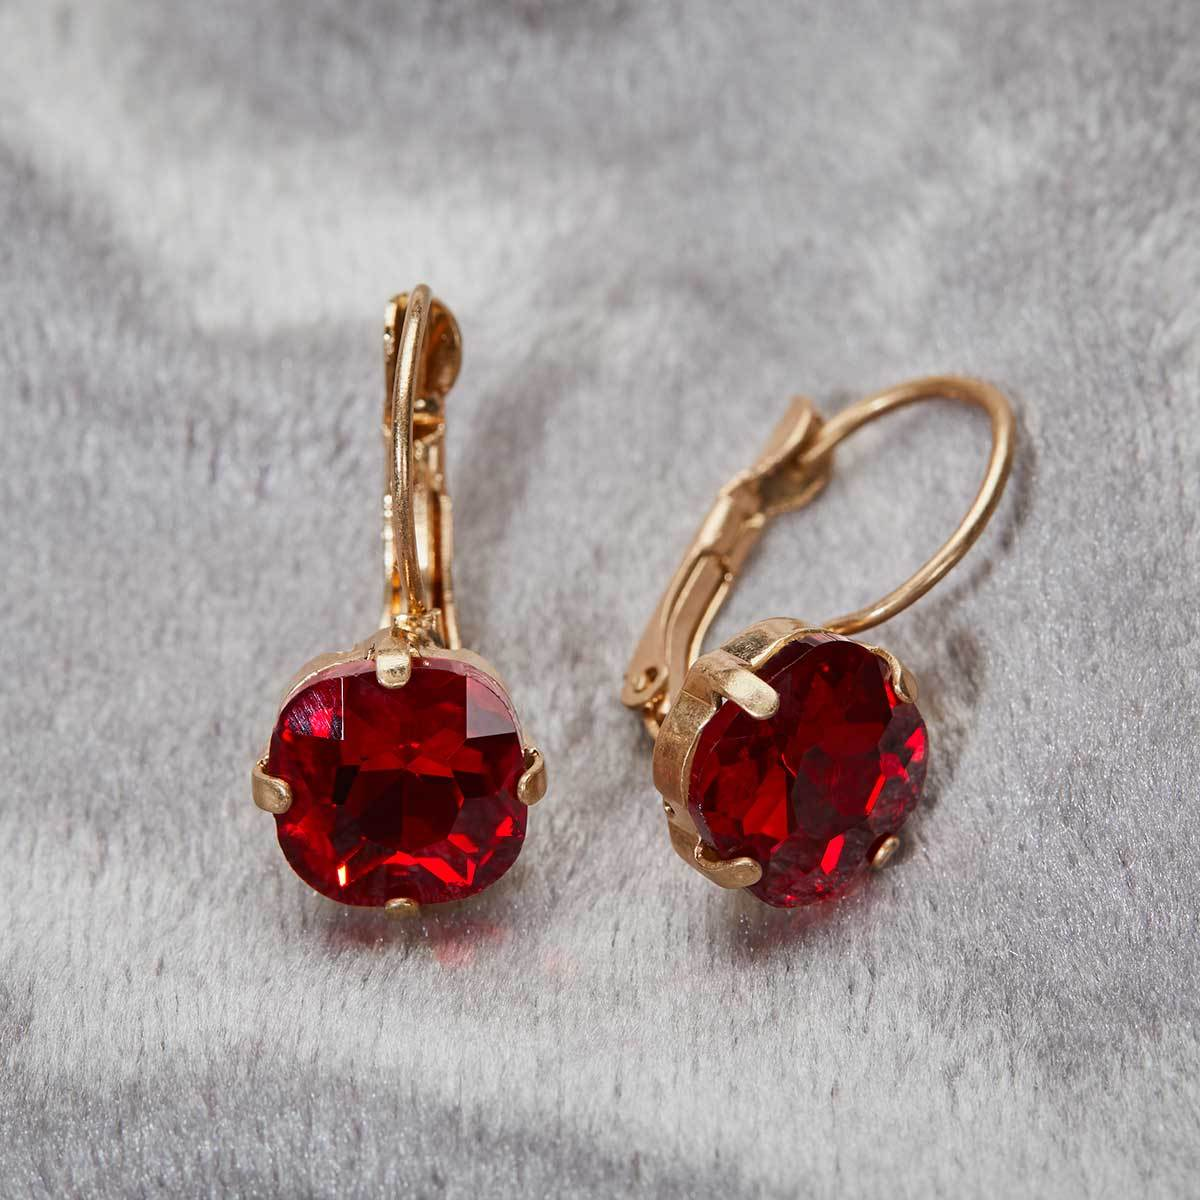 11416-cushion-cut-earring-ruby-lovett-an